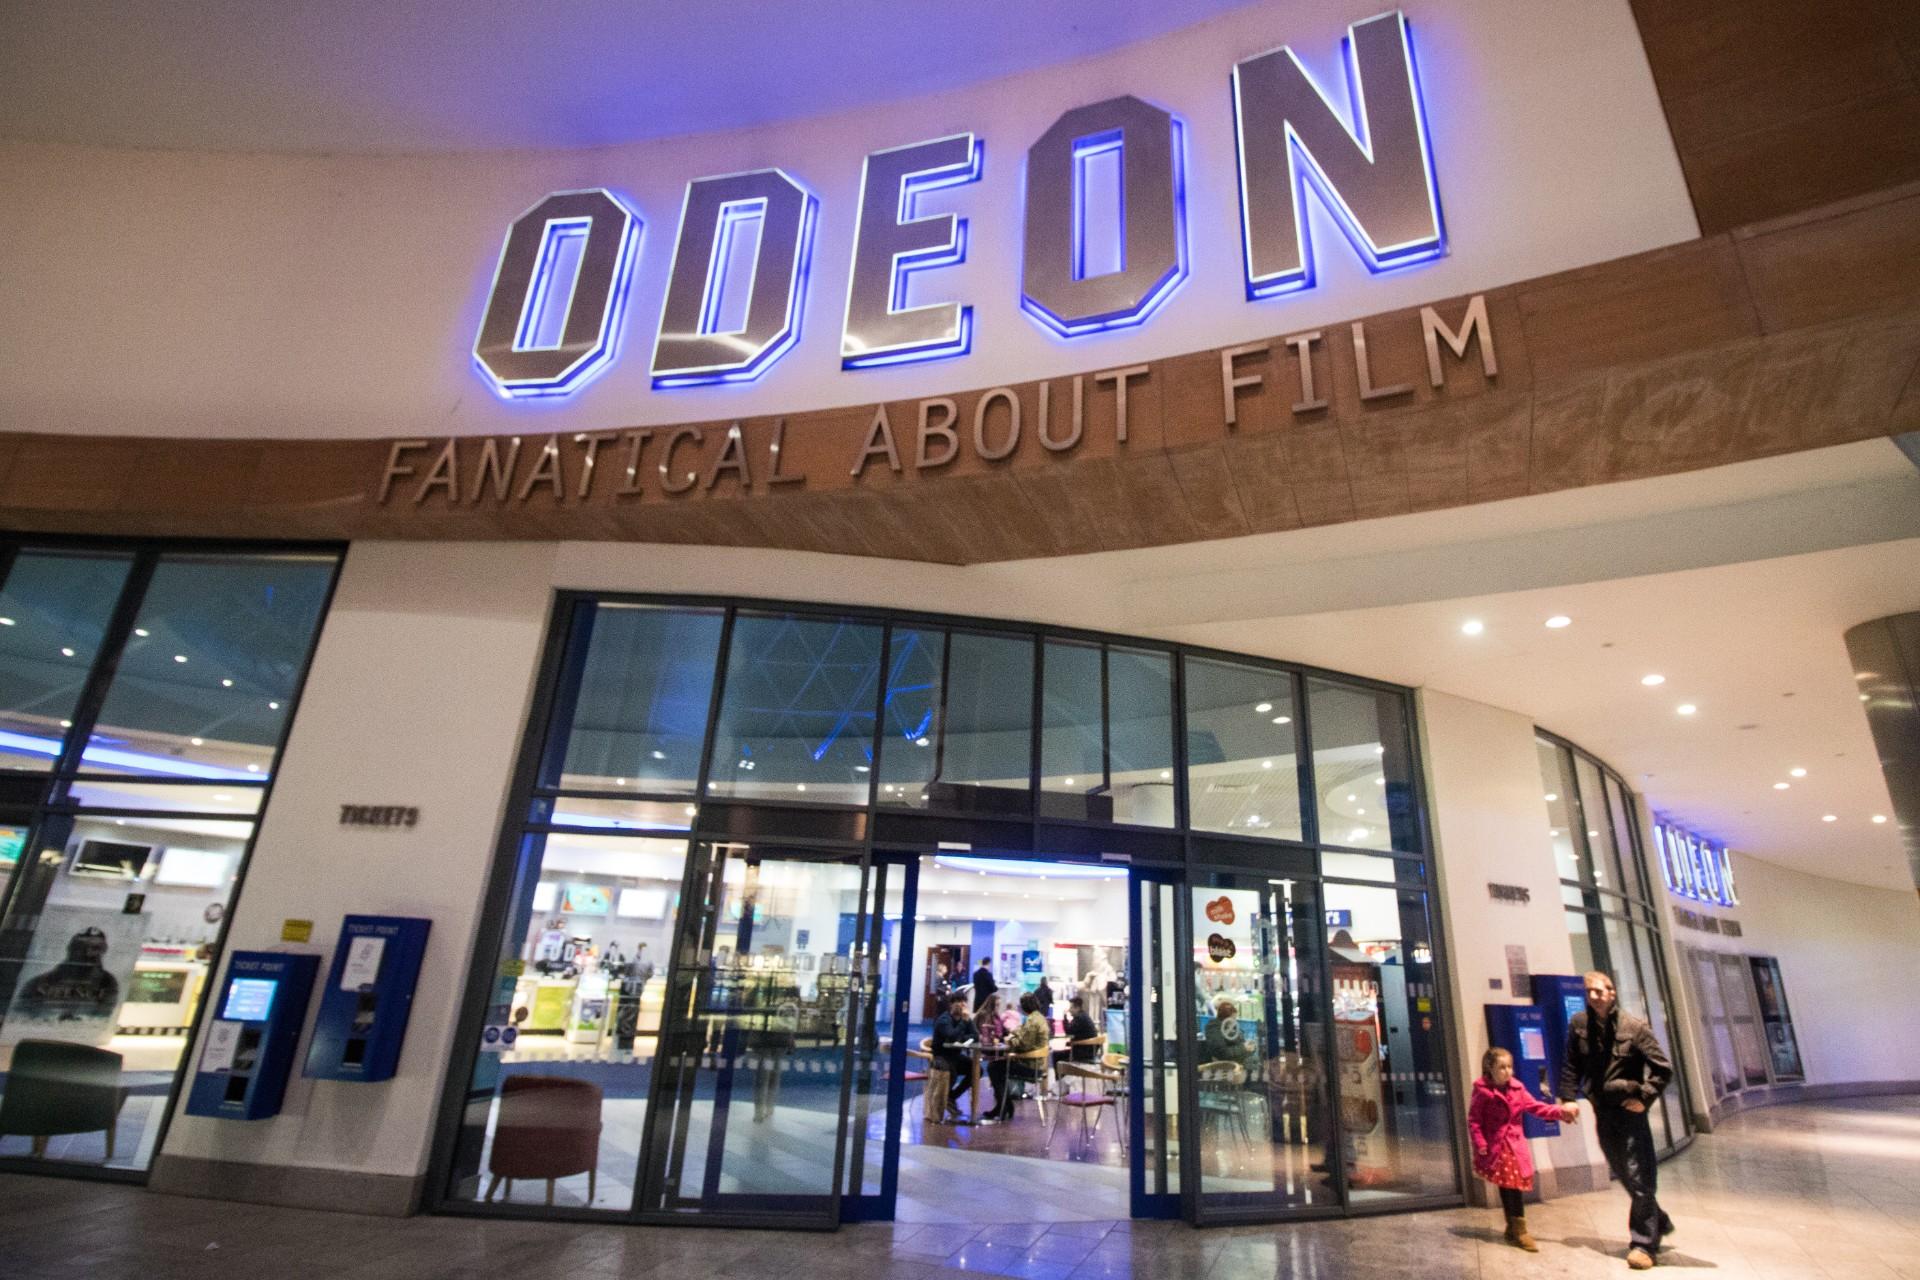 entrance-to-odeon-cinema-in-victoria-square-belfast